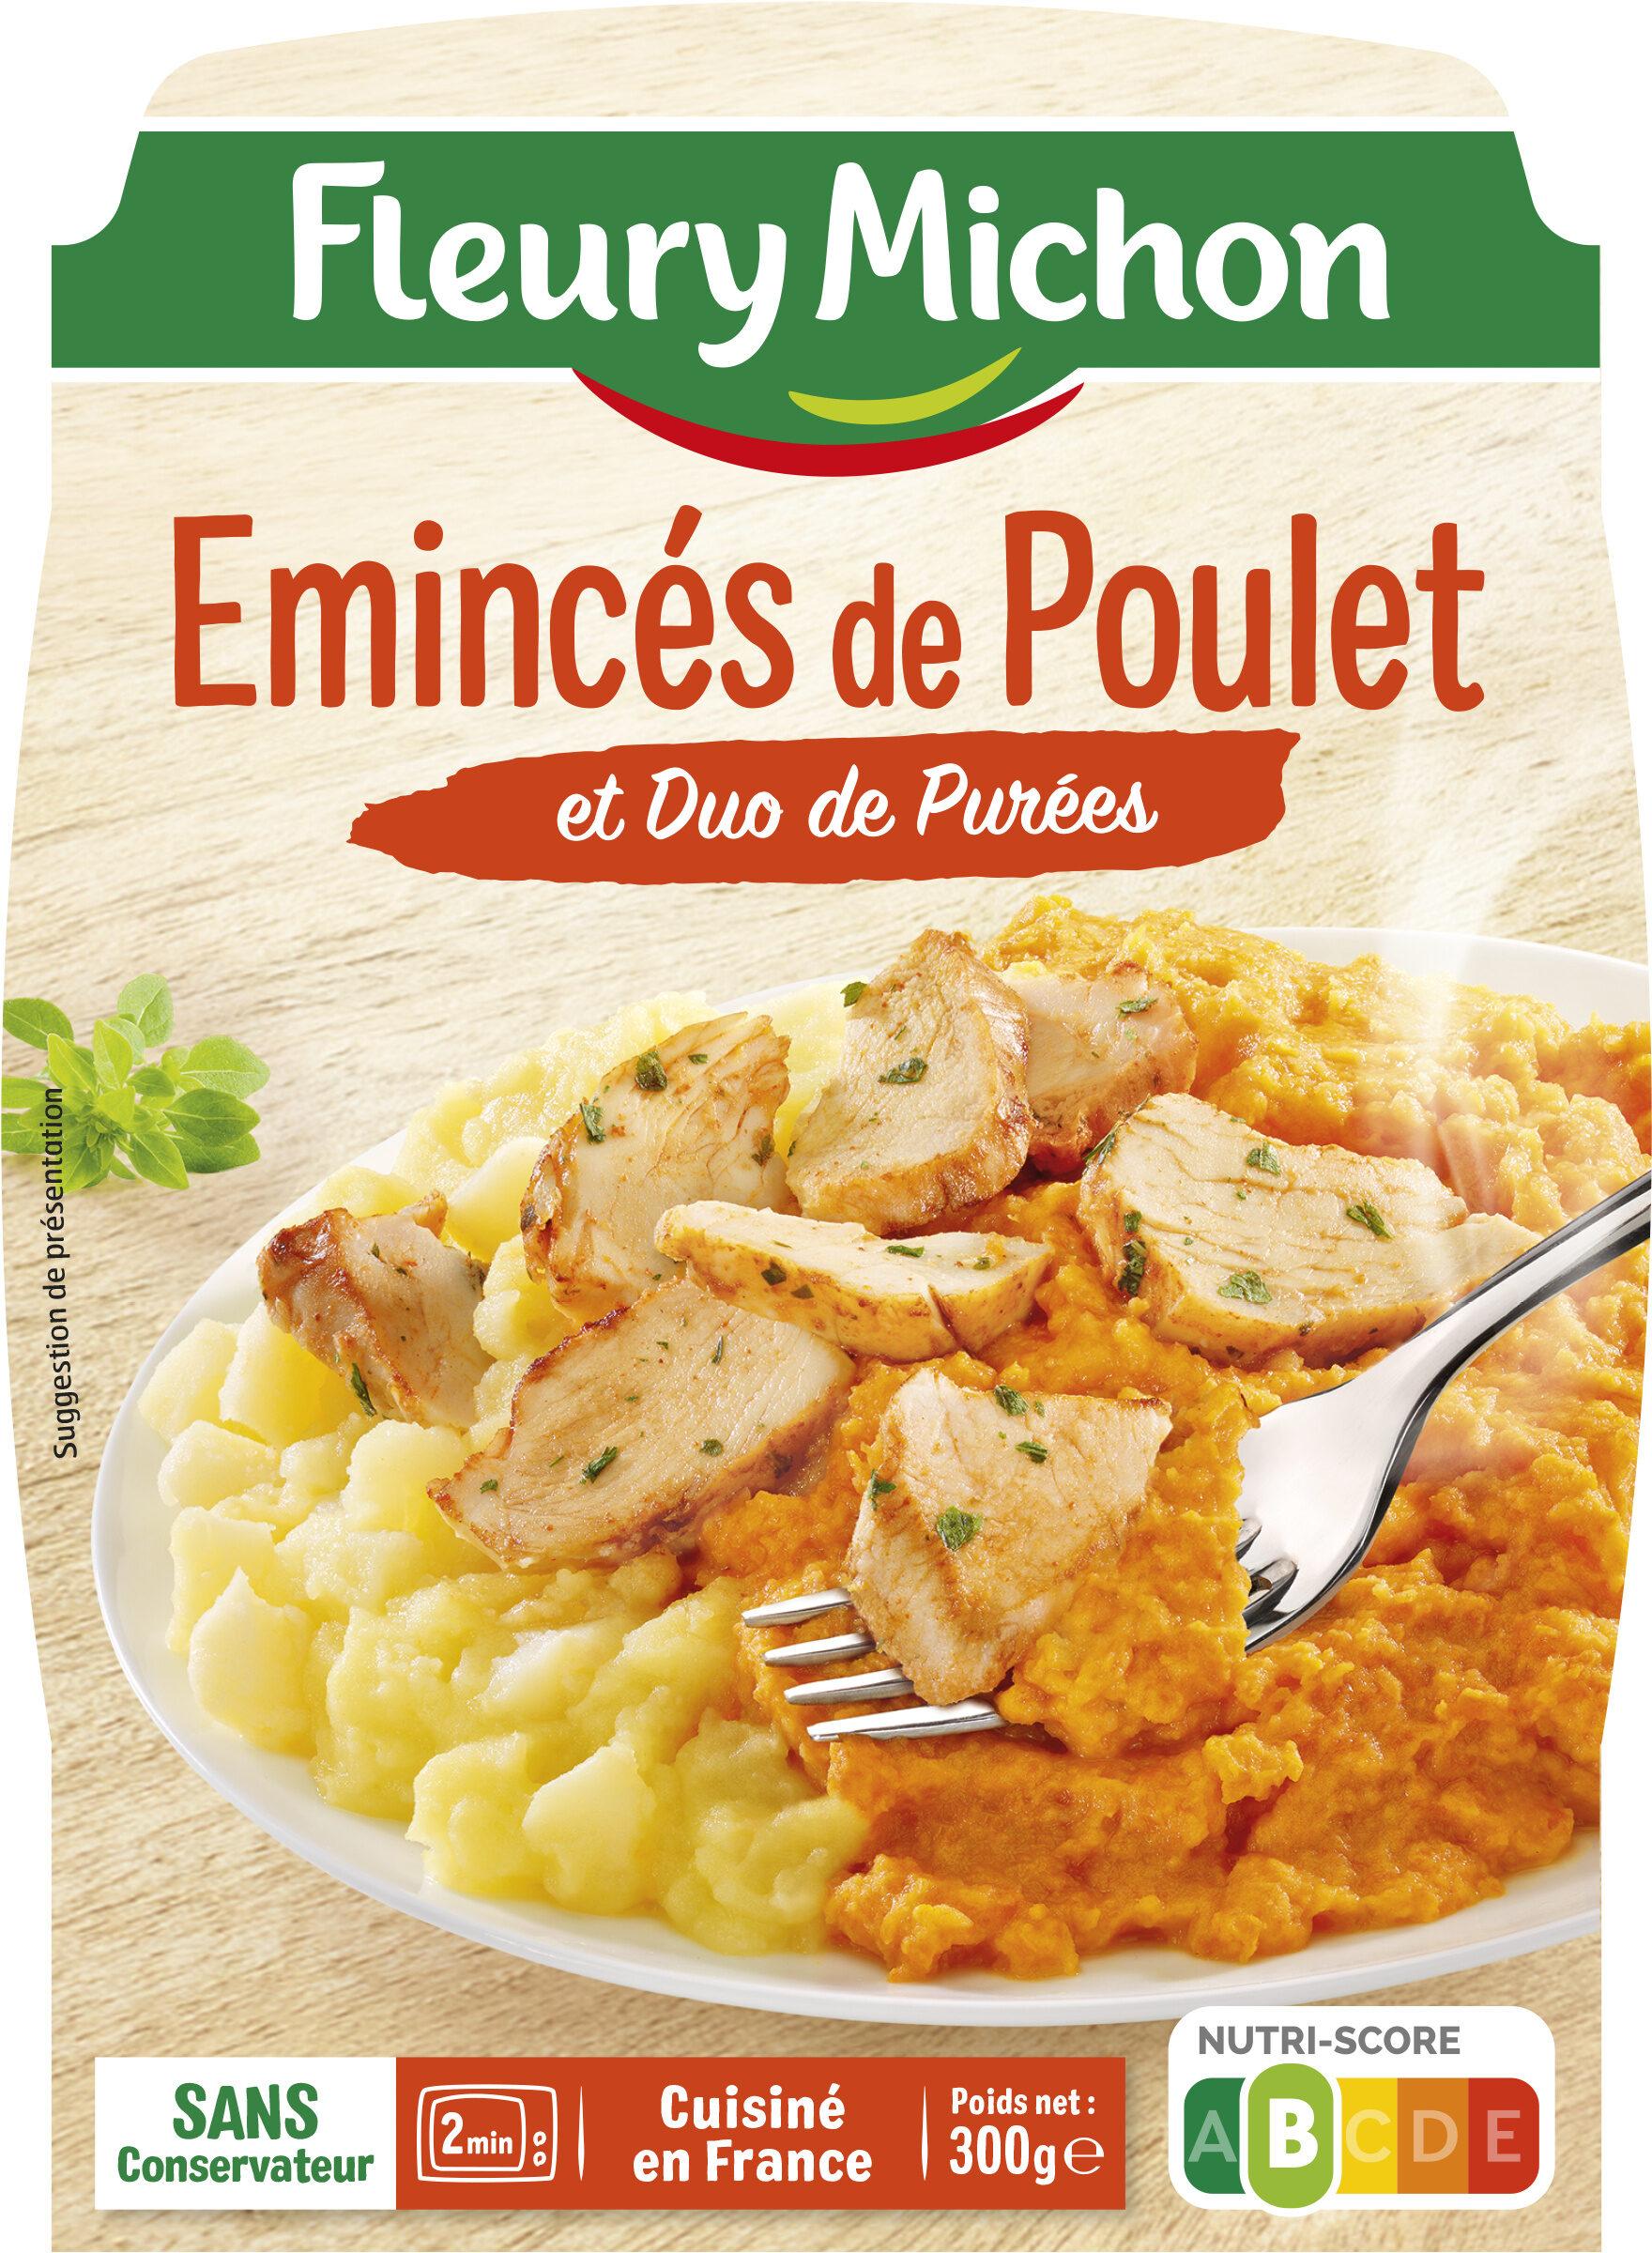 Emincés de Poulet et Duo de Purées - Produit - fr